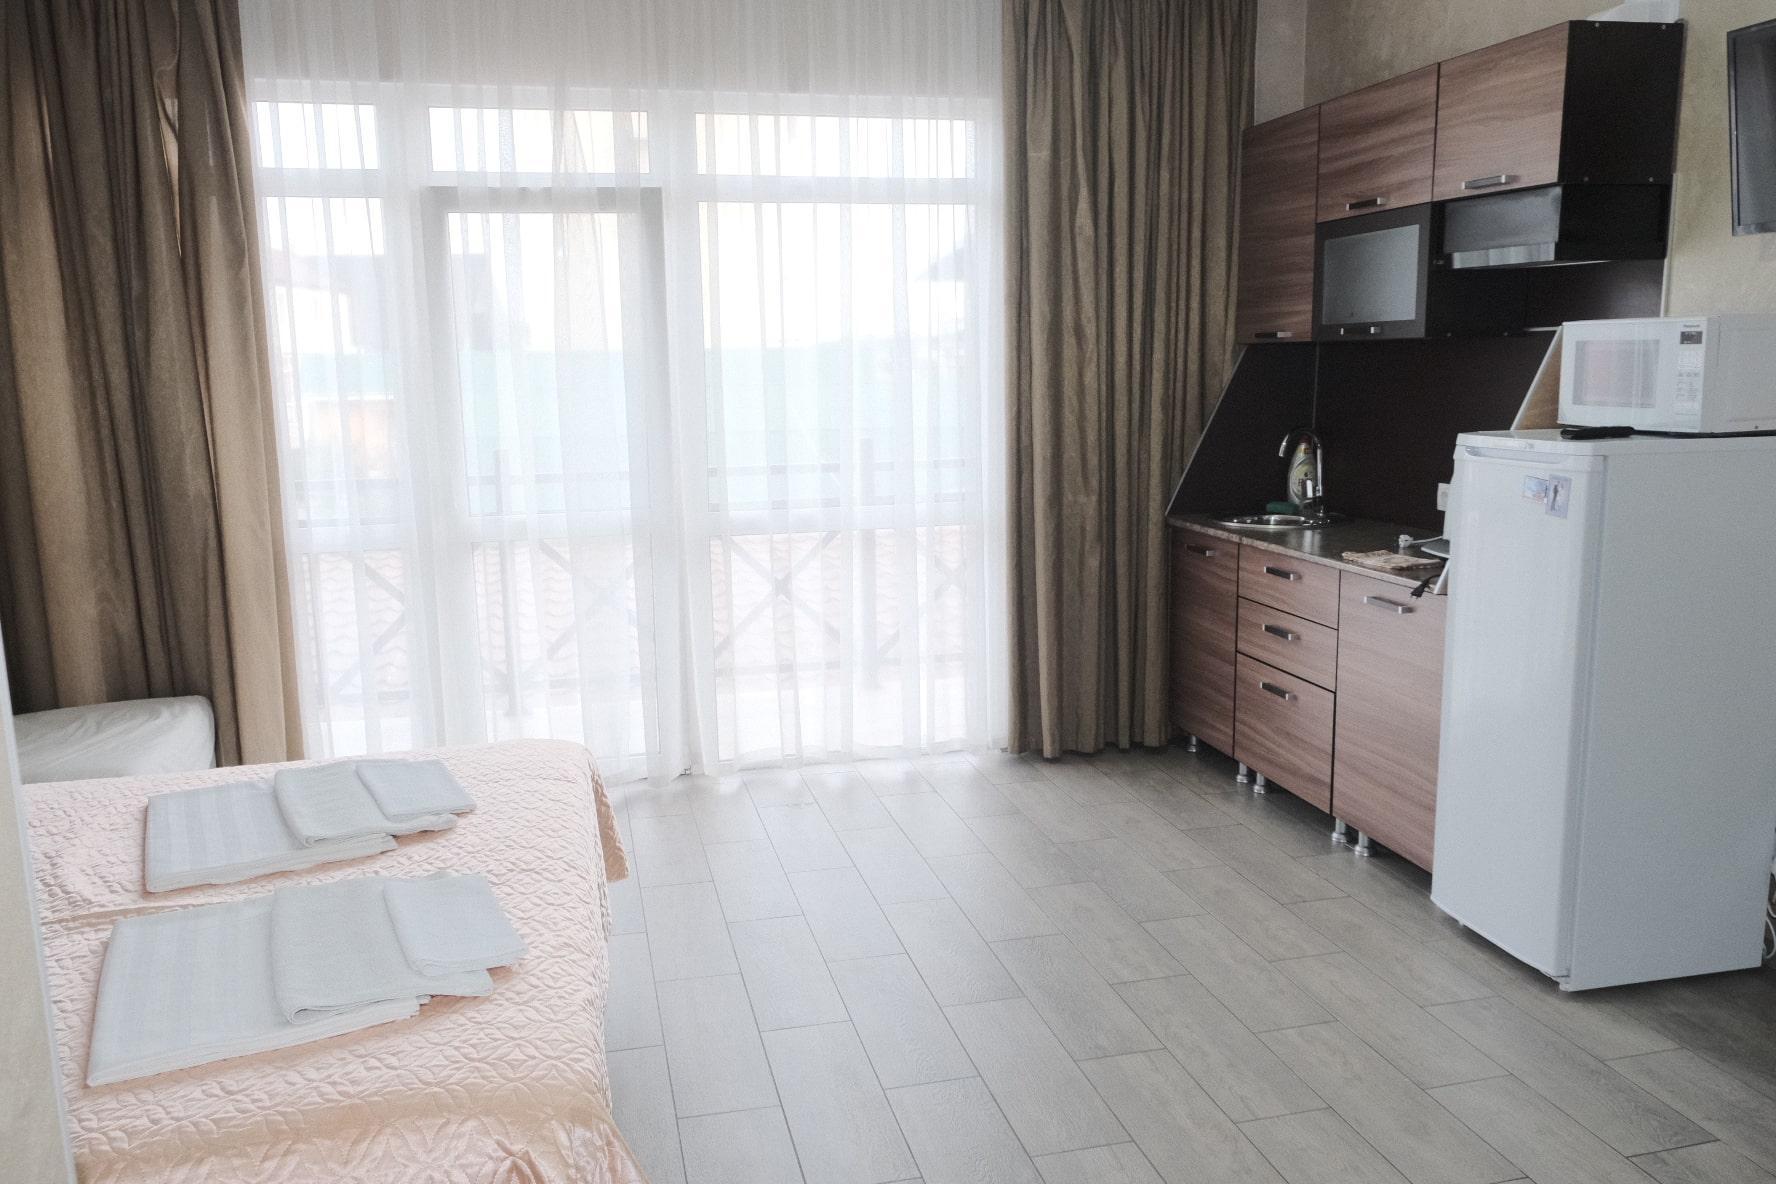 Продаётся гостевой дом у моря 483 м2 - image e2eeaccd-5af6-4951-b24f-f20bf9e98dd5-831-0000007e38895992-min on https://bizneskvartal.ru